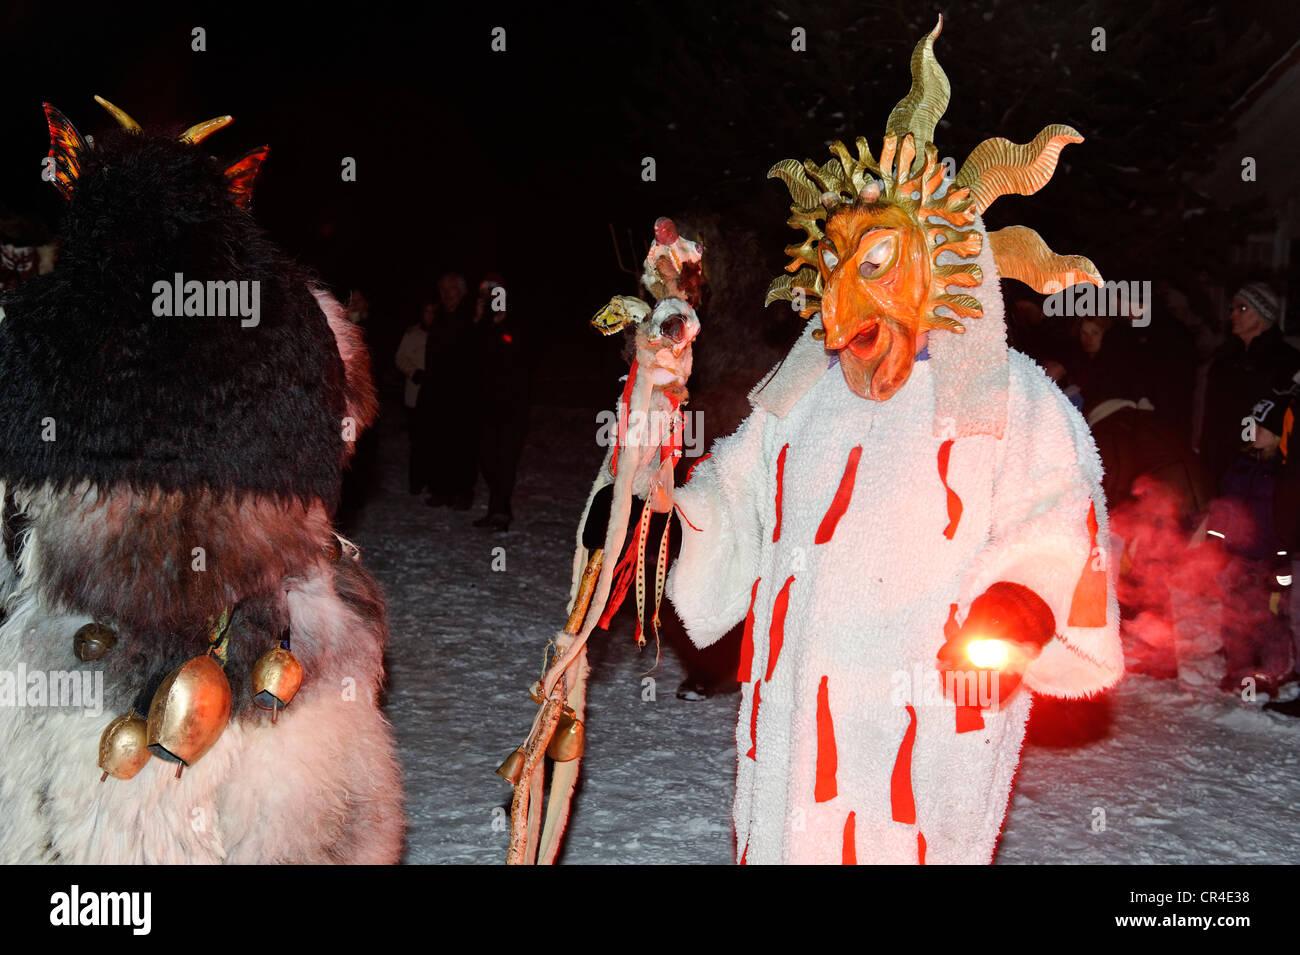 Perchtenlauf Volksfest mit Dämon Zeichen in Bad Heilbrunn, Oberbayern, Deutschland, Europa Stockbild